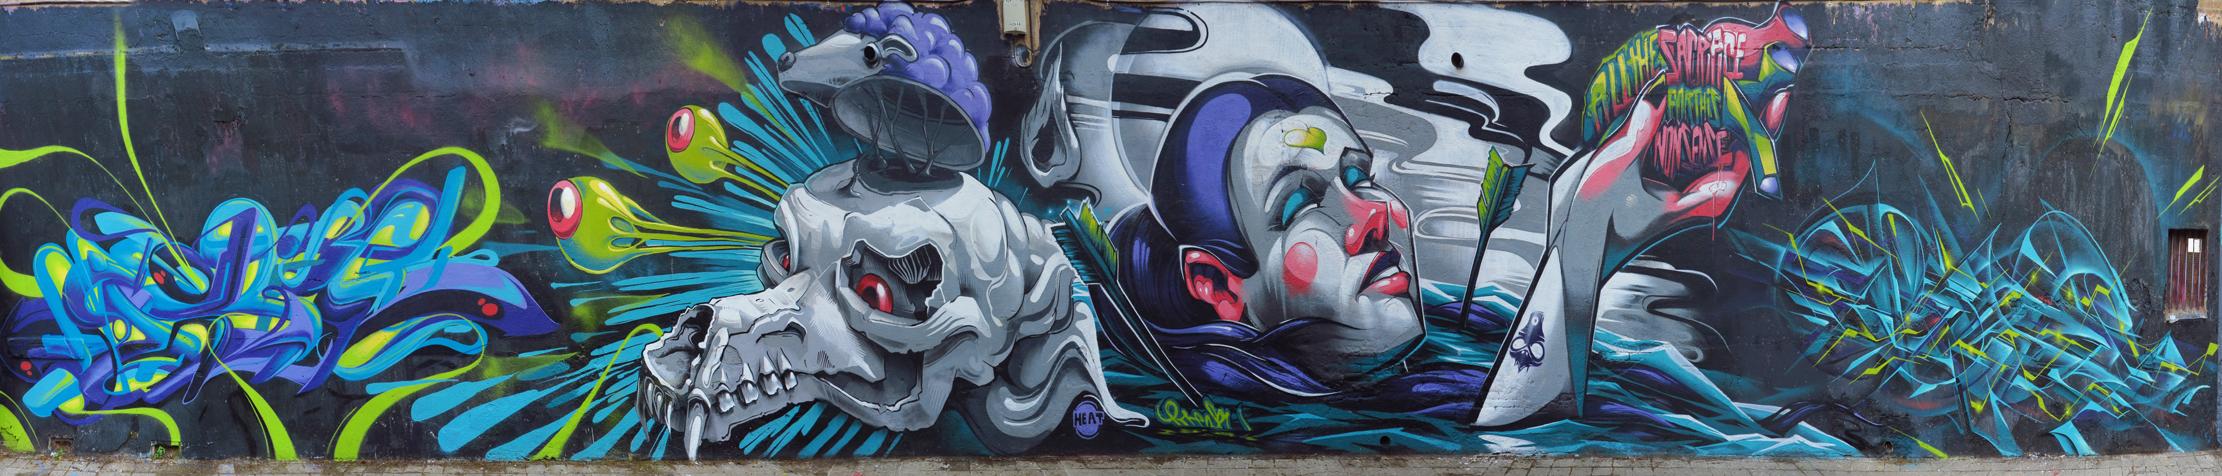 Arte urbano en barcelona mural colectivo for Arte colectivo mural